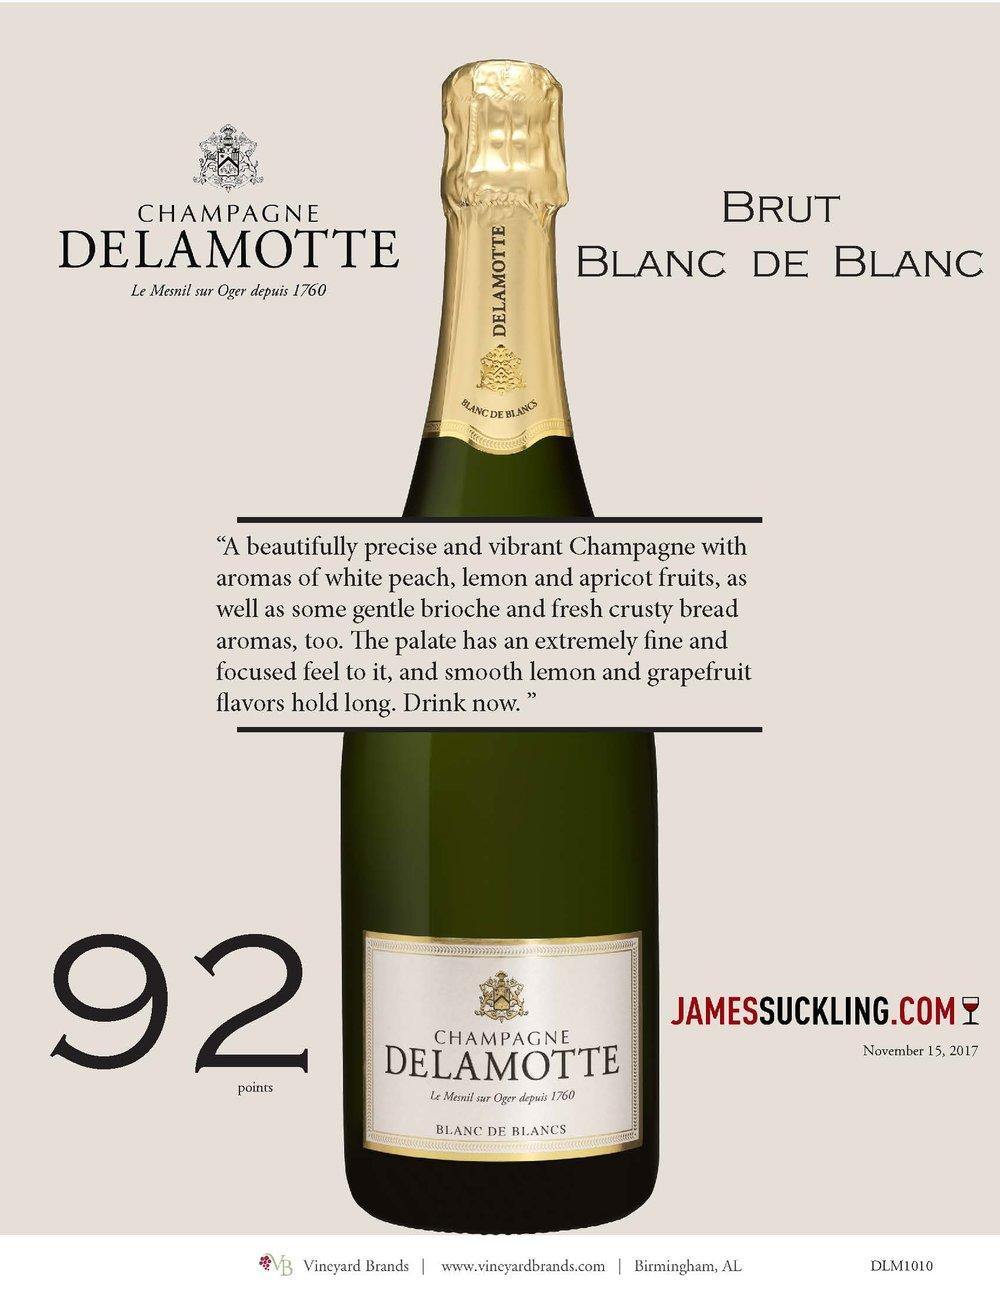 Champagen Delamotte Brut Blanc de Blancs James Suckling.jpg